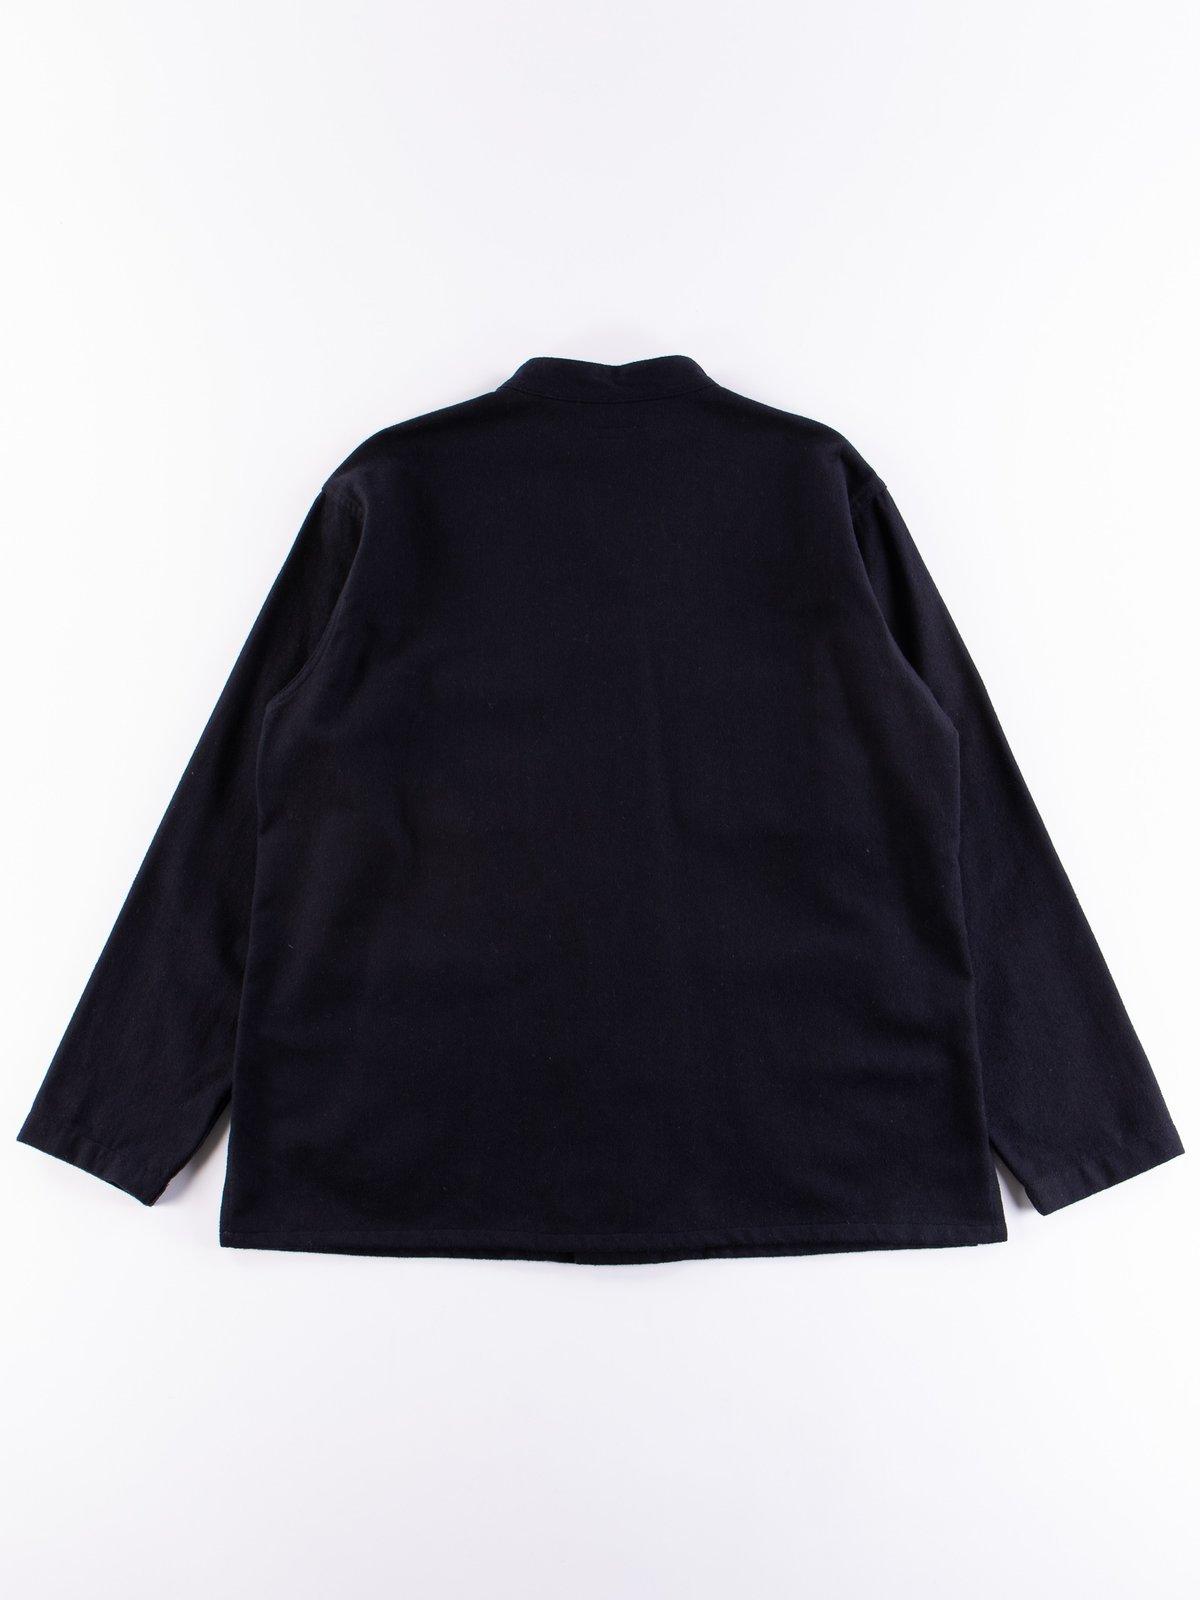 Dark Navy Wool Cotton Flannel Dayton Shirt - Image 5